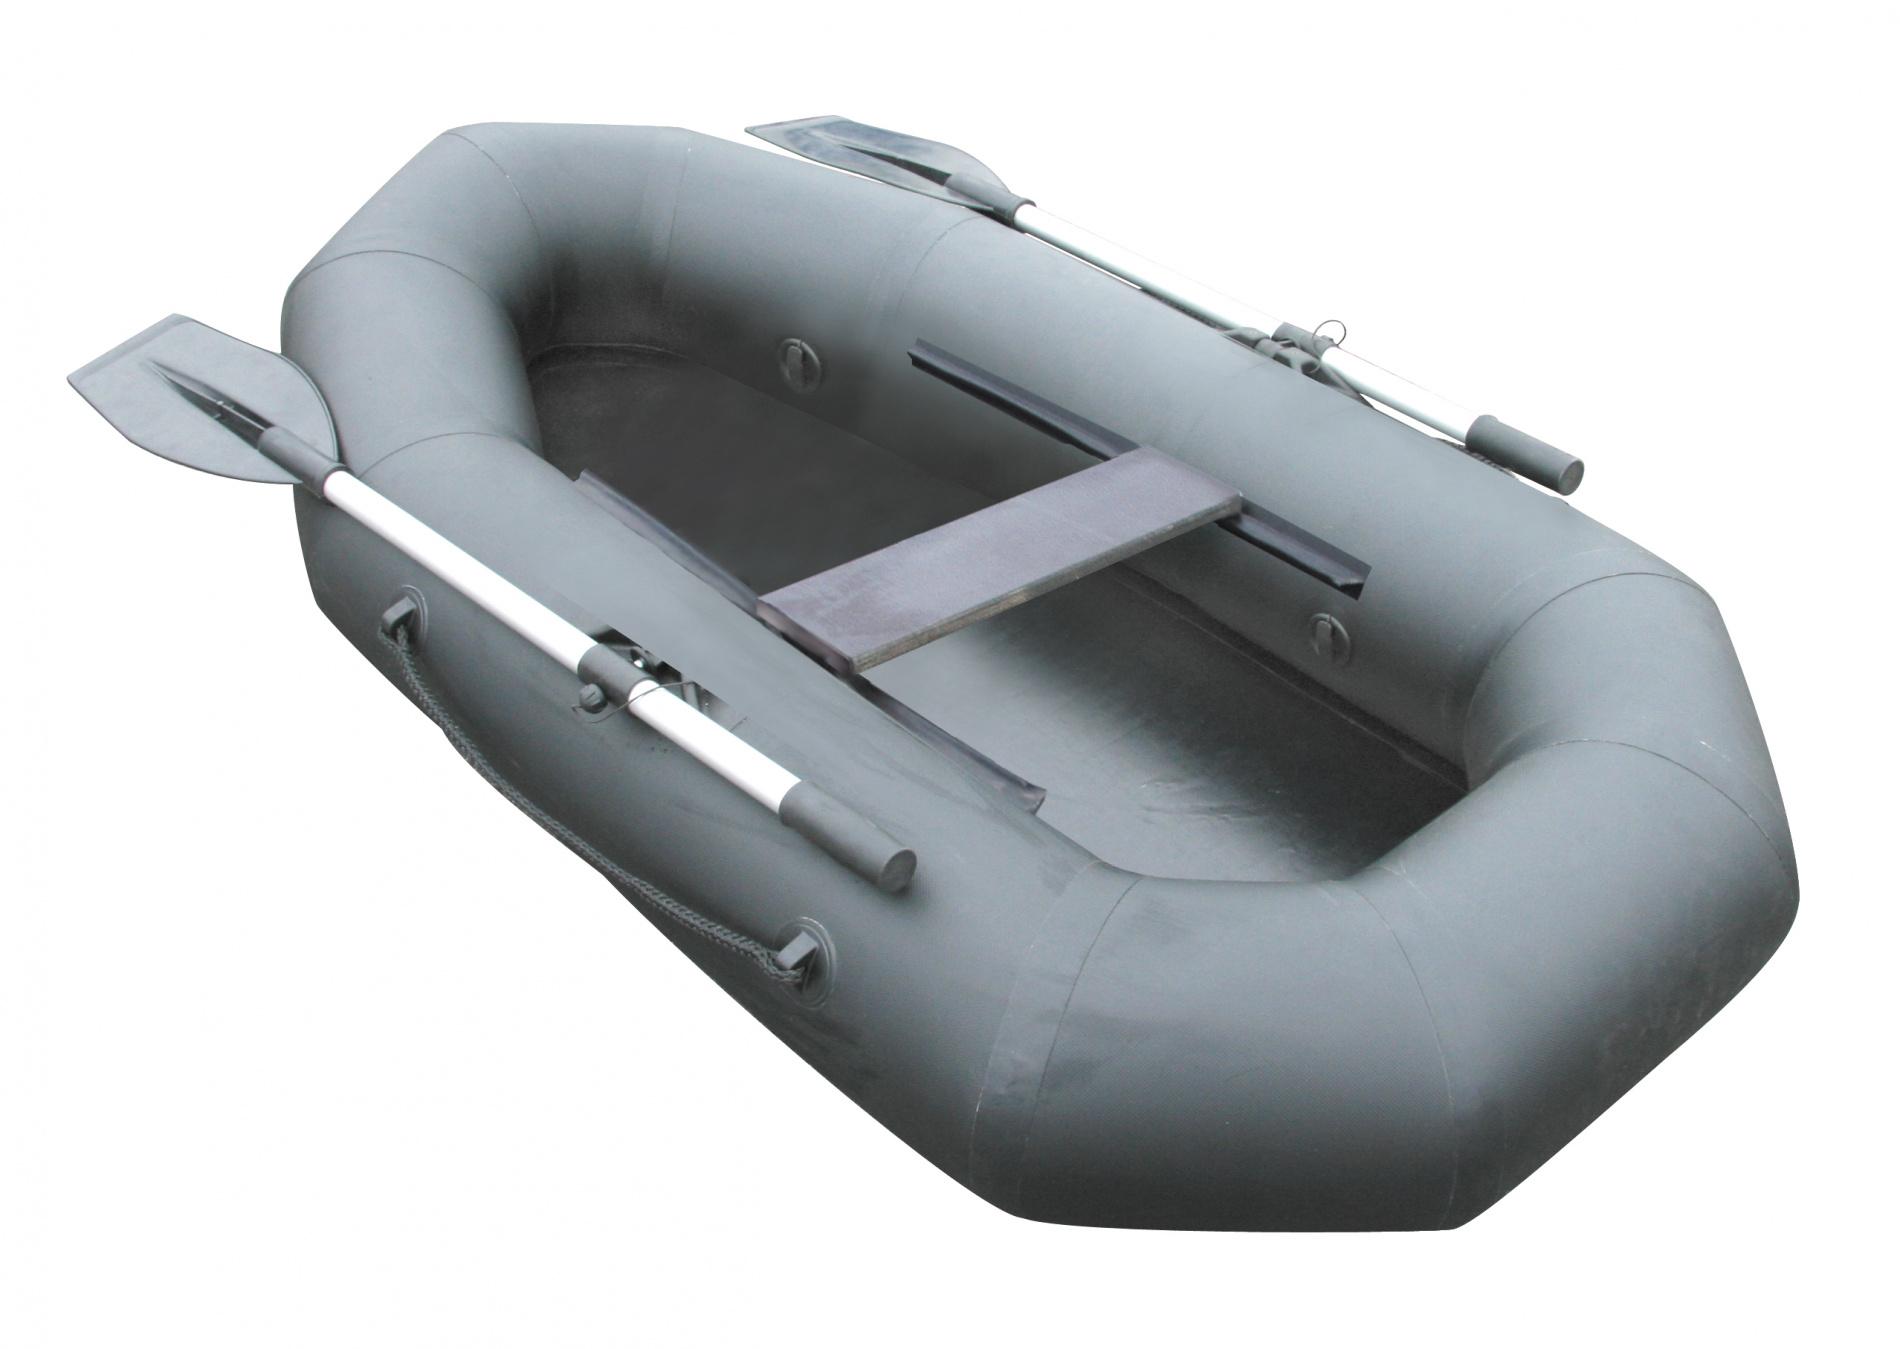 Лодка ПВХ Компакт-200 гребная (С-Пб) (цвет Лодки гребные<br>Гребная надувная лодка Компакт 200 — лёгкая, <br>компактная, надёжная и безопасная одноместная <br>надувная лодка из ПВХ – это идеальный вариант <br>для рыбалки и охоты на реках и озёрах, особенно <br>если подъезд к ним затруднён, и нести гребную <br>лодку требуется самостоятельно. Любители <br>зимней рыбалки - могут воспользоватся лодкой <br>для спасение на тонком льду. Для охотников <br>лодка послужит неплохим дополнением при <br>вылове трофея из воды. - Лодка «Компакт» <br>состоит из одного замкнутого баллона, разделенного <br>перегородками на 2 отсека, что позволит <br>лодке остаться на плаву даже при случайном <br>проколе баллона. - Корпус лодки «Компакт» <br>изготавливается из 5-ти слойной ткани ПВХ <br>корейского производства MIRASOL, являющейся <br>одной из лучших на рынке. Используется ткань <br>плотностью 750 г/м.кв. Реальный срок службы <br>лодки из ПВХ составляет больше 15 лет. За <br>счёт материала лодка подходит для эксплуатации <br>в различных условиях — в тихих закрытых <br>водоёмах, на волне или порожистых реках, <br>среди коряг и камышей. Лодки из ПВХ не требуют <br>специальной обработки после использования <br>и на период хранения. - швы лодки соединены <br>современным методом «горячей сварки». Ткань <br>соединяется встык, с проклейкой с двух <br>сторон лентами из основного материала шириной <br>4 см на специальной машине. Для склейки применяется <br>клей на полиуретановой основе, который, <br>вступая в химический контакт с материалом <br>склеиваемых поверхностей, соединяется <br>с тканью на молекулярном уровне и получается <br>единое полотно. - раскрой материала для <br>лодок «Компакт» производится с использованием <br>современной вычислительной техники, в результате <br>чего человеческий фактор сведен к минимуму, <br>что гарантирует идеальную геометрию лодки <br>и исключает возможность брака. - по бортам <br>внутри корпуса для банок установлена система <br>«Ликтрос - Ликпаз», основным п